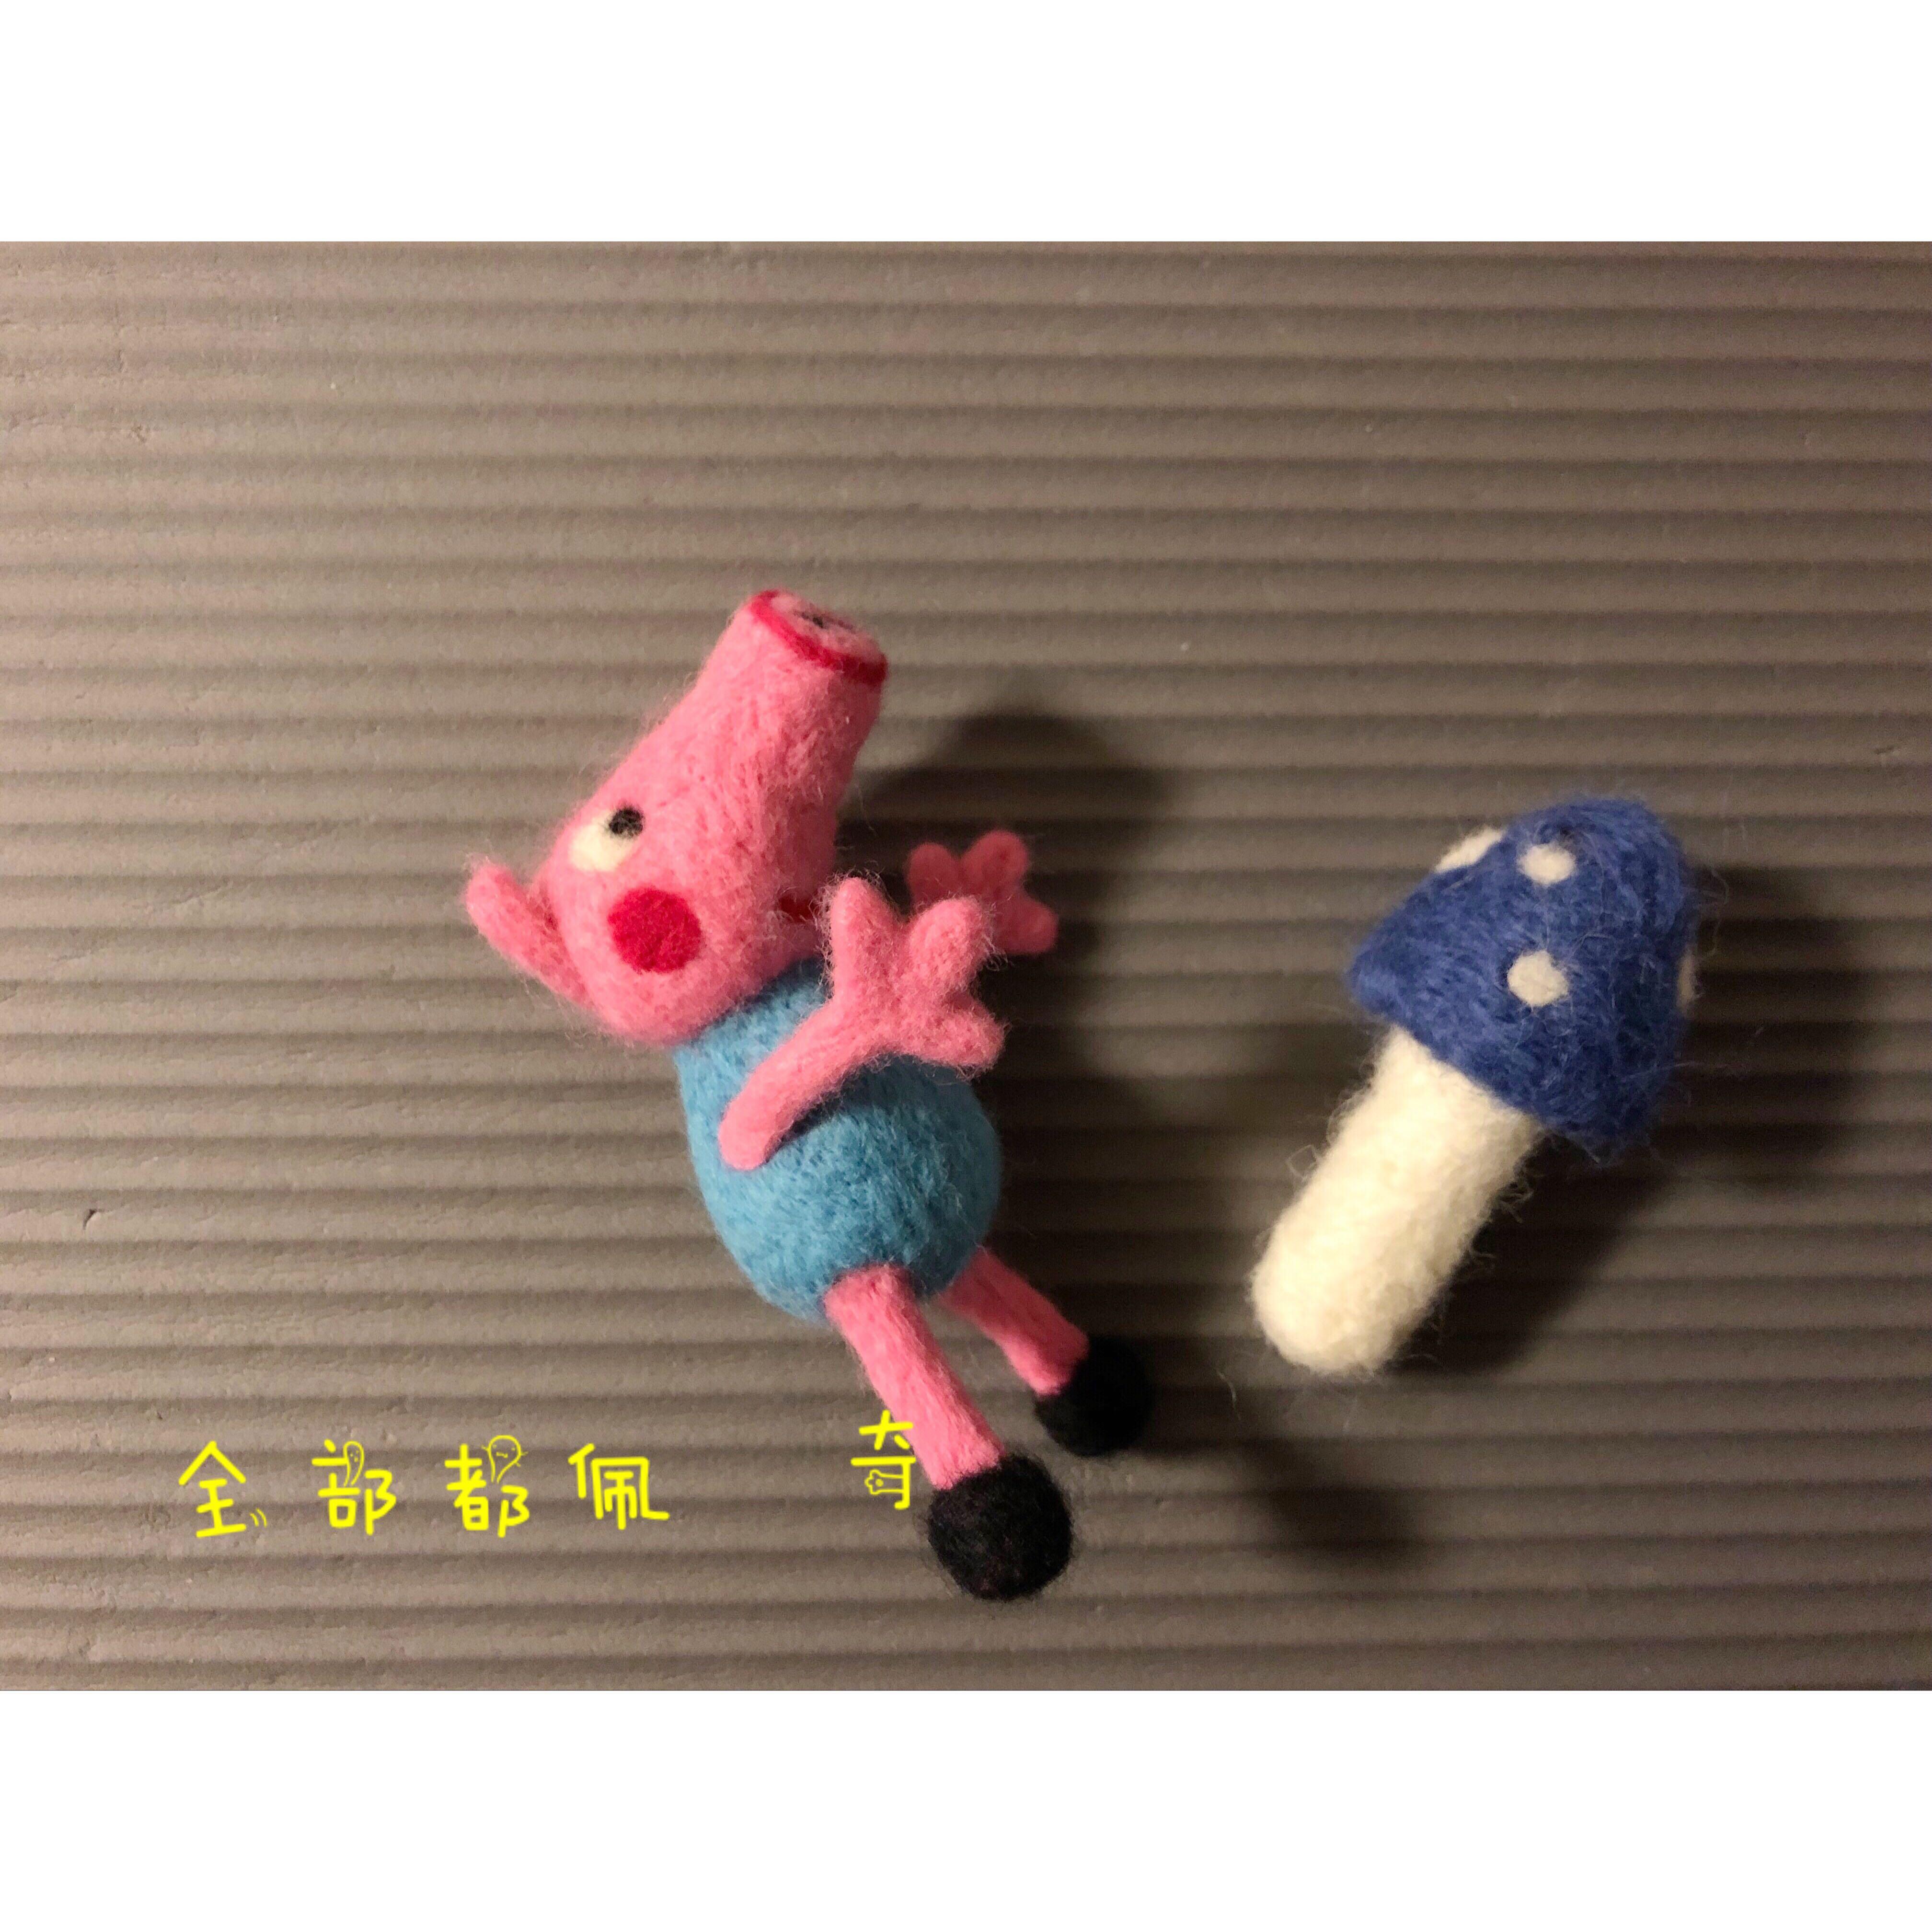 5dda13c83e41f.jpg